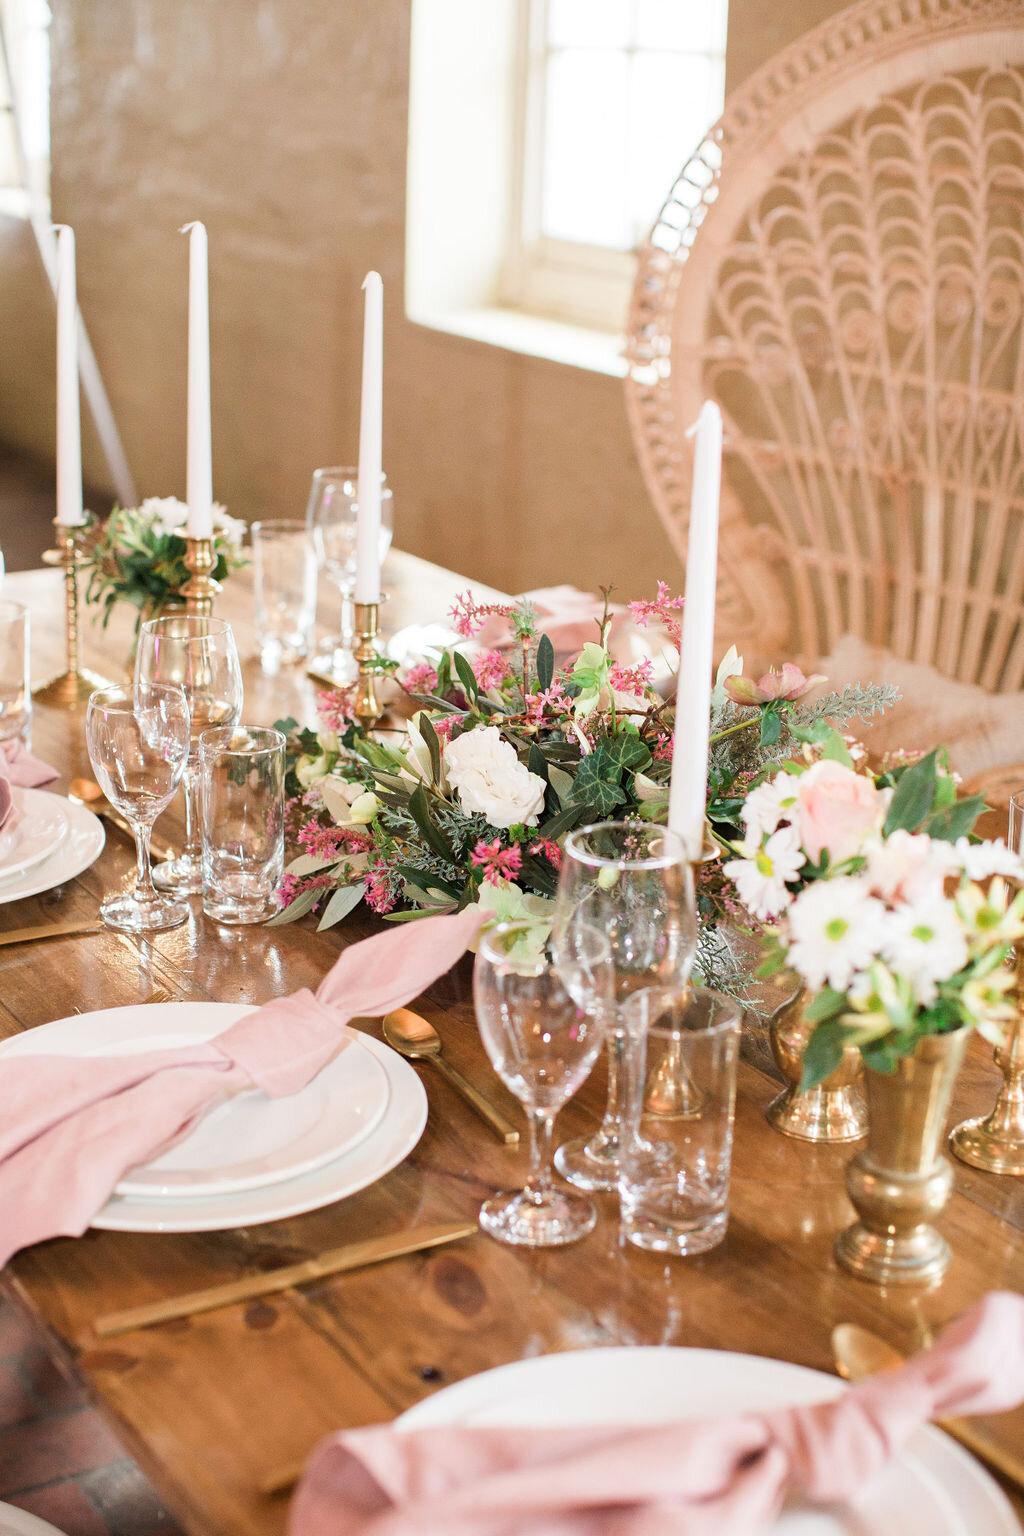 Warrnambool Wedding Hire & Styling